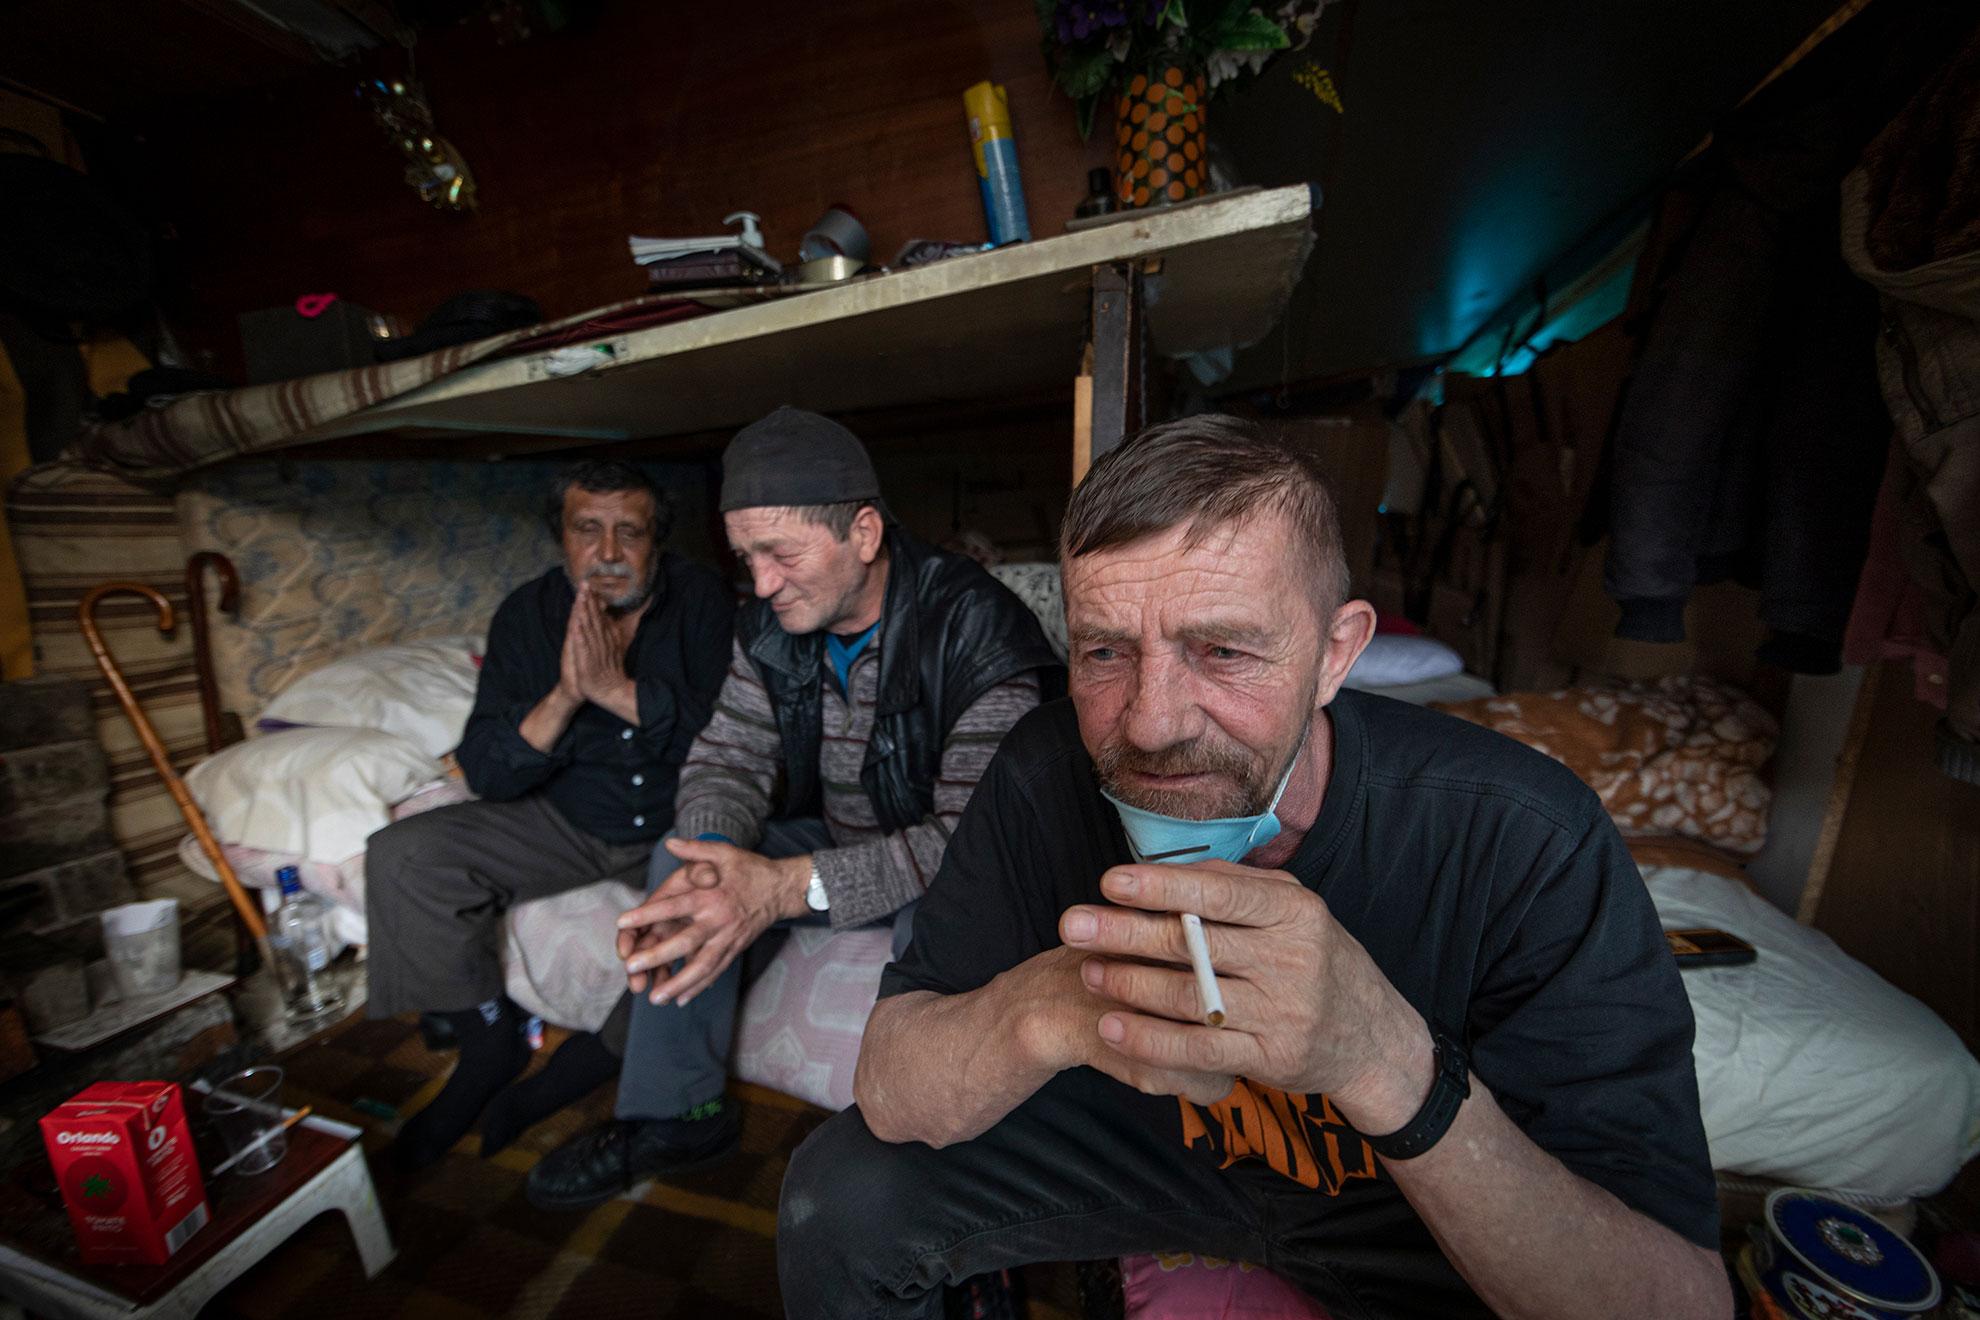 """Dor, Nelu y Gigi son de Rumanía. Llegaron a Madrid hace 20 años y hoy pasan el confinamiento en una chabola pegada a la M-30. A pesar de vivir en la calle, antes del Covid-19 tenían trabajos esporádicos en la construcción. Ahora sólo tienen el subsidio de Nelu, que apenas alcanza para comprar comida todo el mes. Ni siquiera pueden pedir en los semáforos, porque la policía les pidió que no salieran de casa hasta que se levantase el Estado de Alarma. """"Tiene que ser así, lo entendemos, es la ley"""", dicen resignados. Juegan al dominó para pasar el rato, sobre una tabla que utilizan a modo de mesa, y con el calor de una plancha de ropa preparan café. A pesar de que la ciudad está desierta y apenas circulan coches, cada vez que pasa uno retumba como si estuviera dentro de la infravivienda, hecha de tablones de madera y plásticos. Es difícil imaginar cómo era vivir ahí un día cualquiera, con la M-30 rugiendo en hora punta, antes del confinamiento."""